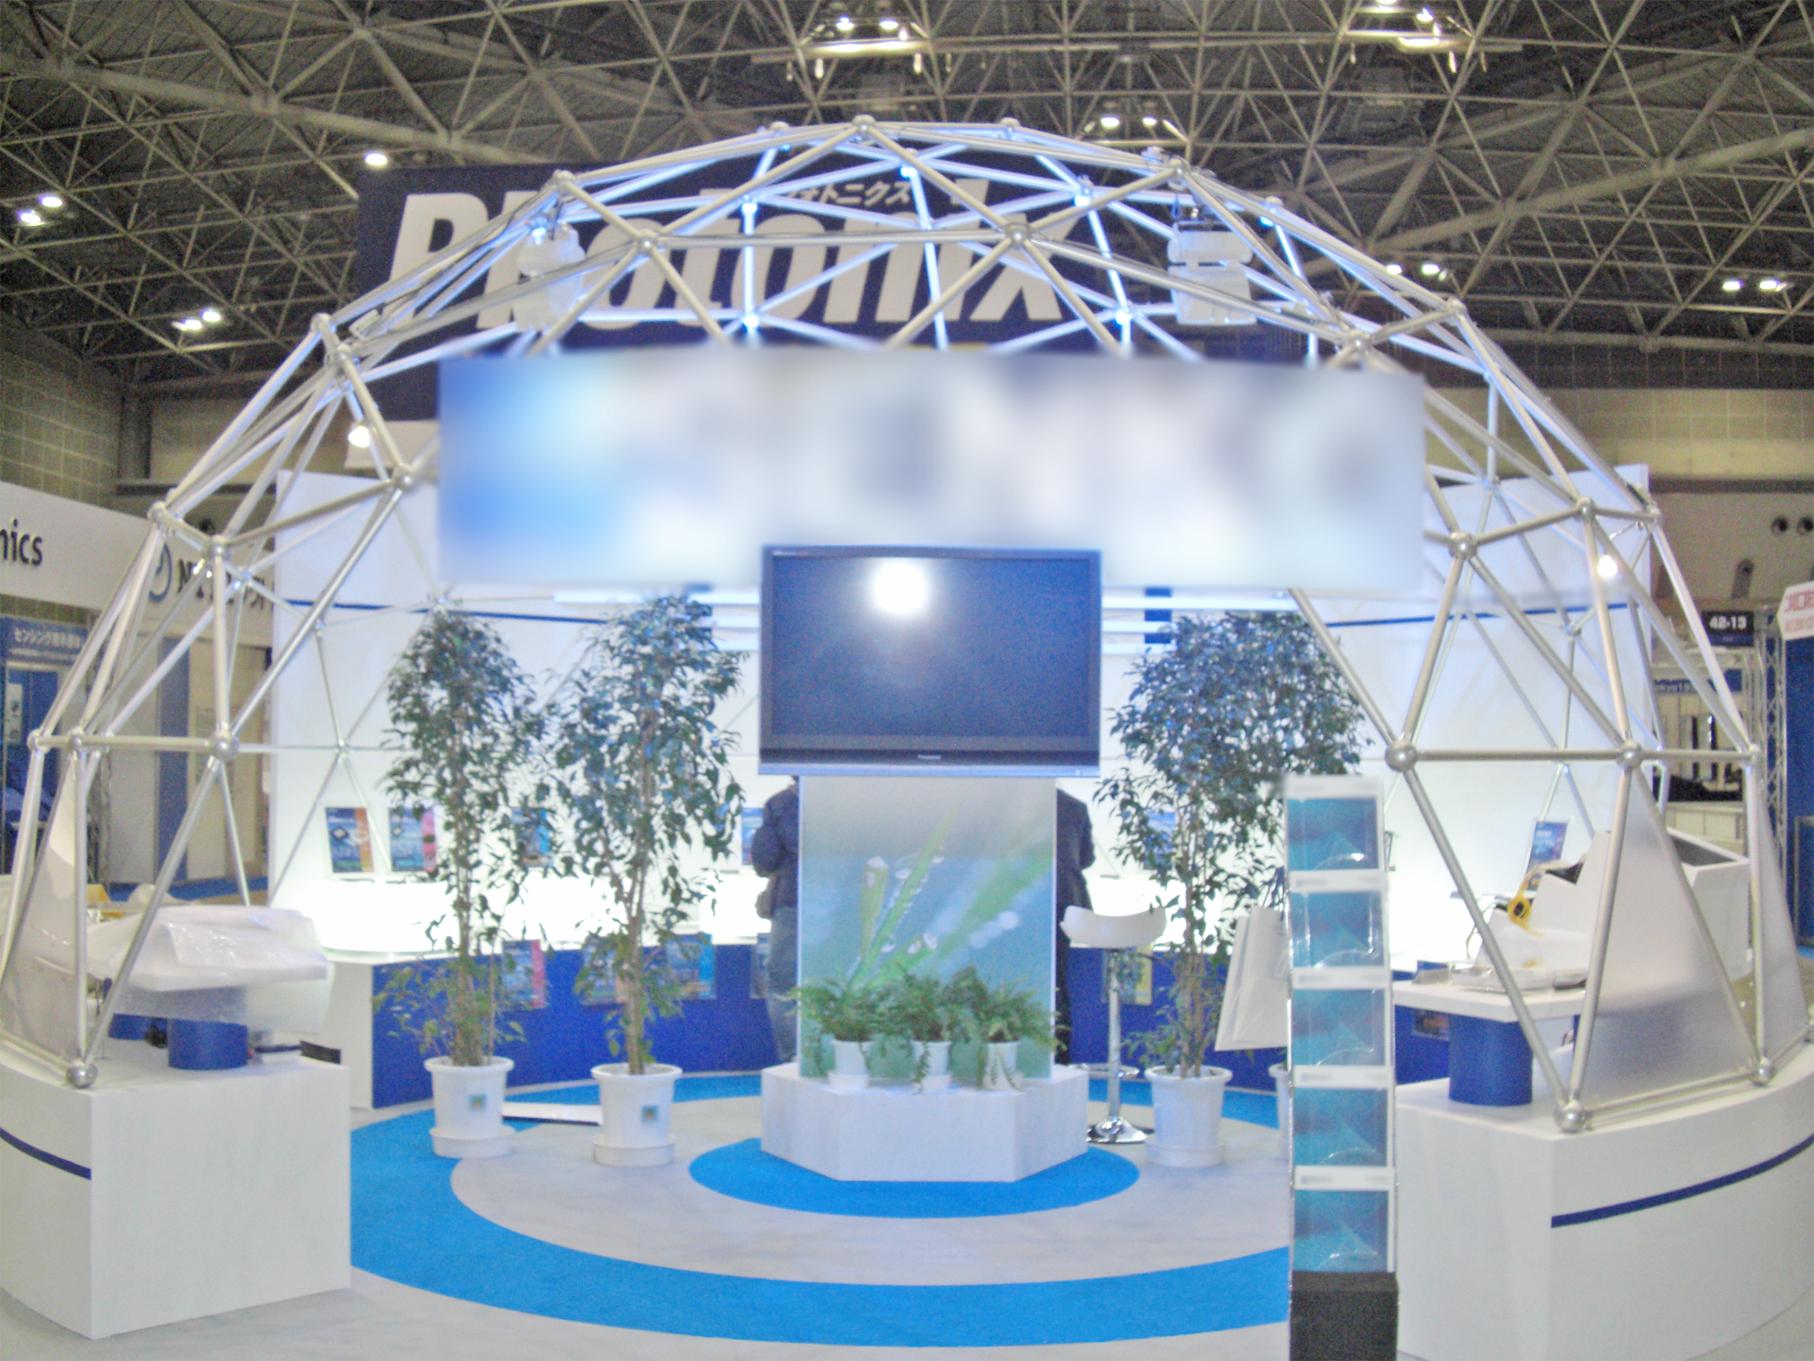 第11回光通信技術展 FOE 2011 東京ビッグサイト / 小間(6Mx6M)